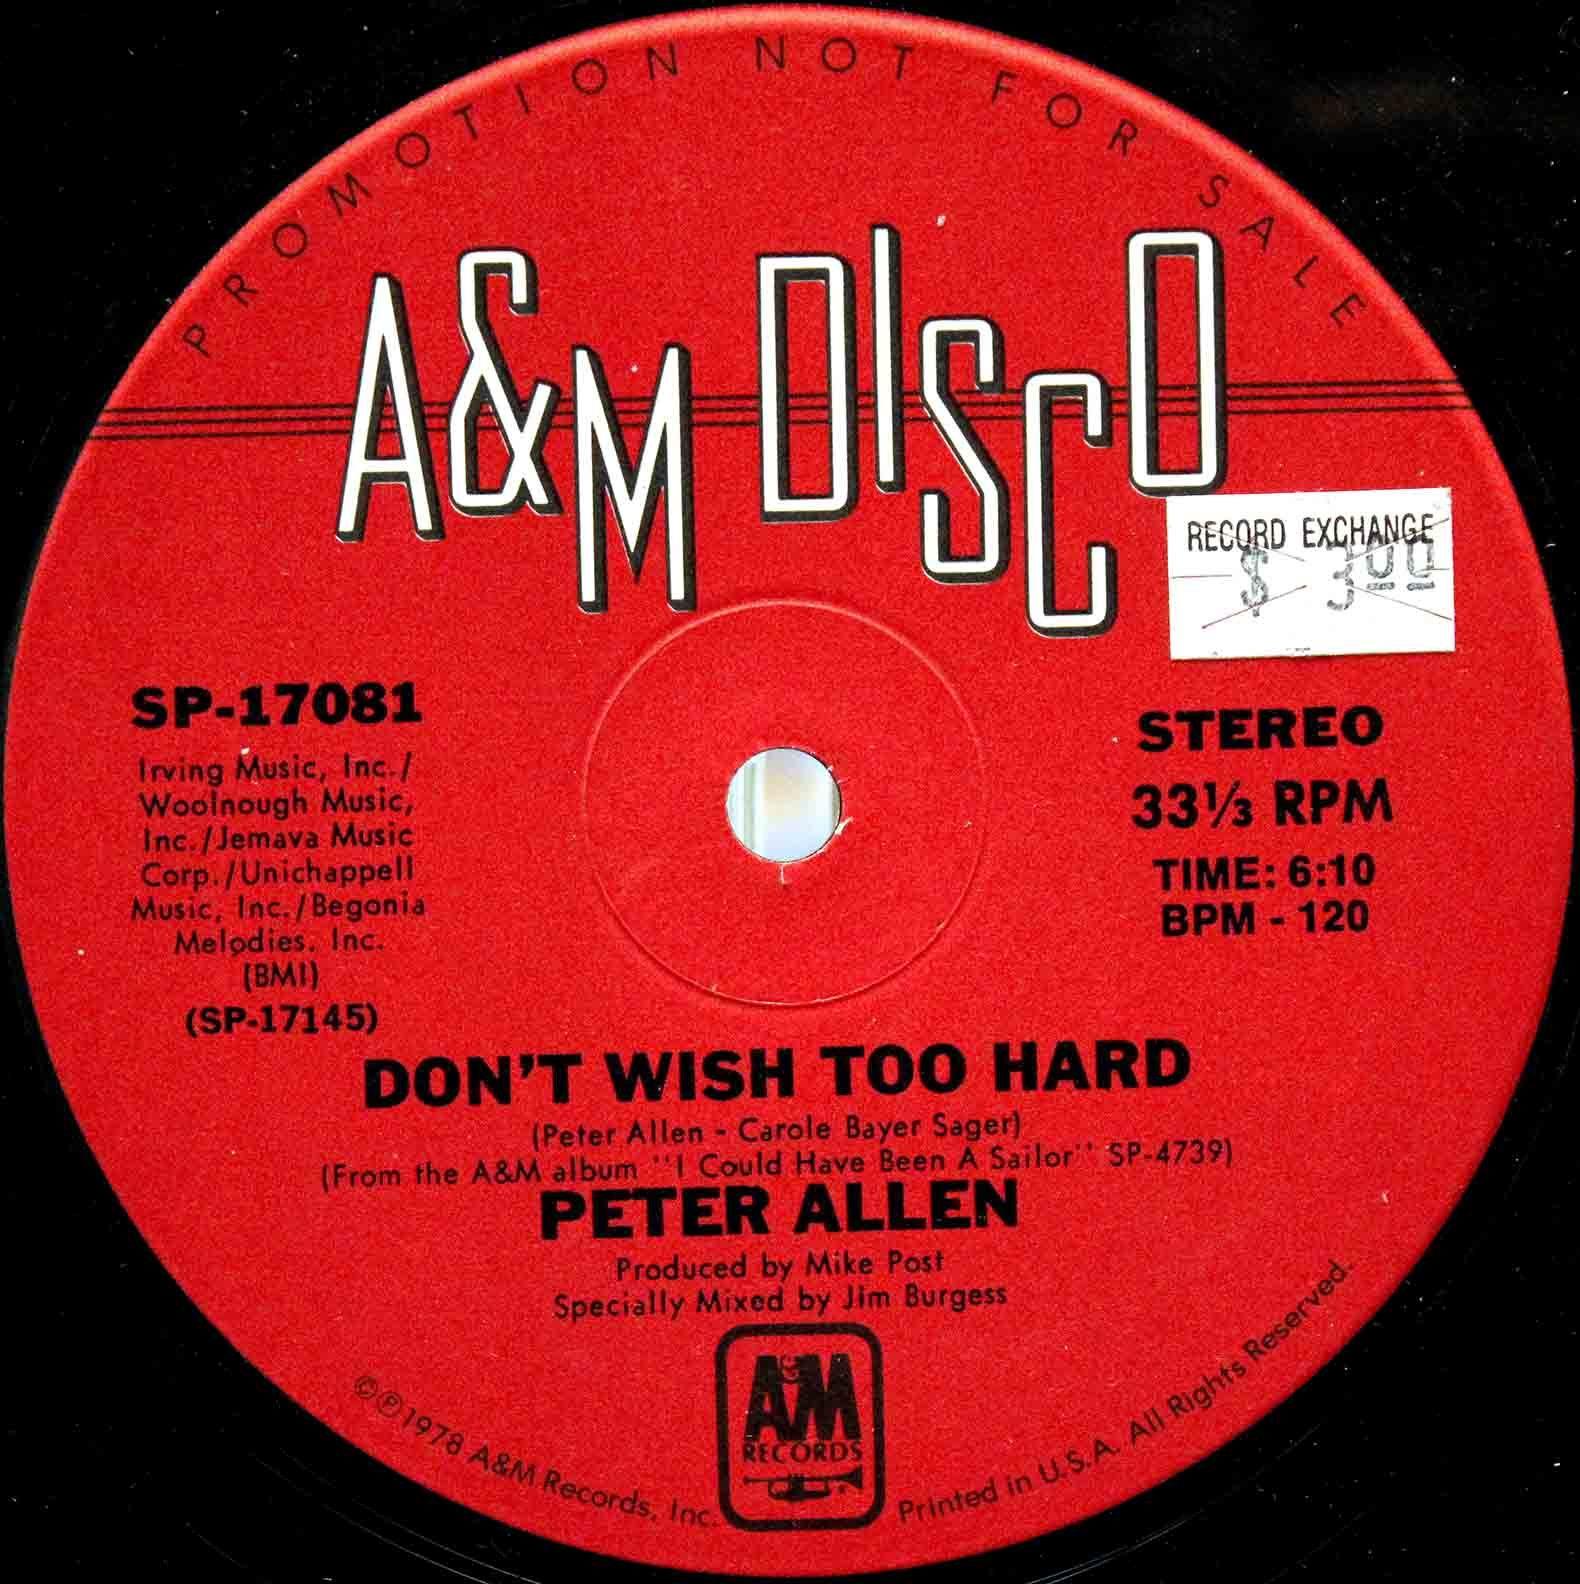 Peter Allen - Dont wish too hard 04